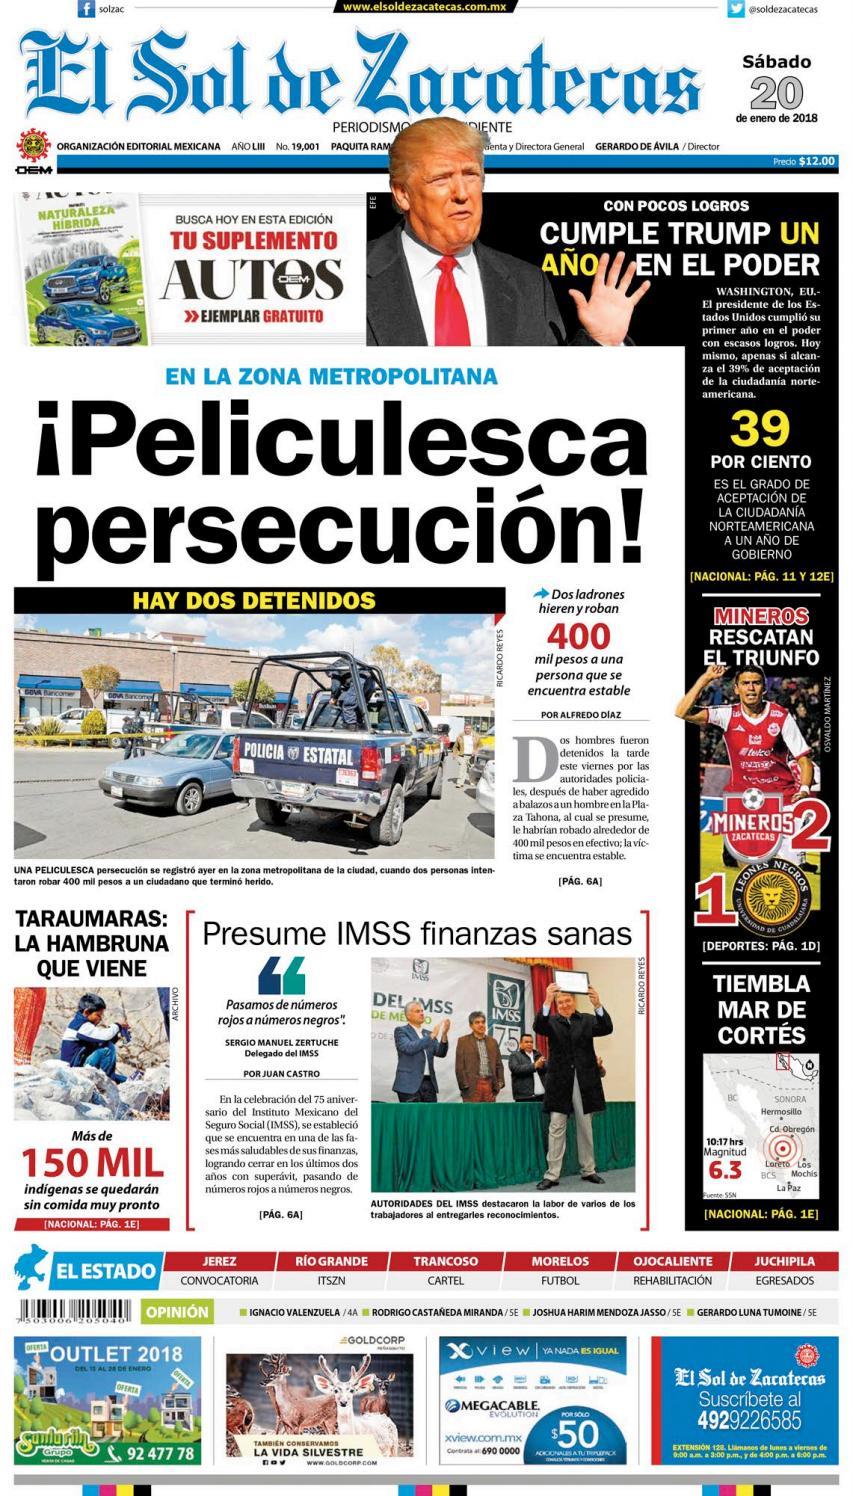 5e0ea9c0fac El Sol de Zacatecas 20 de enero 2018 by El Sol de Zacatecas - issuu